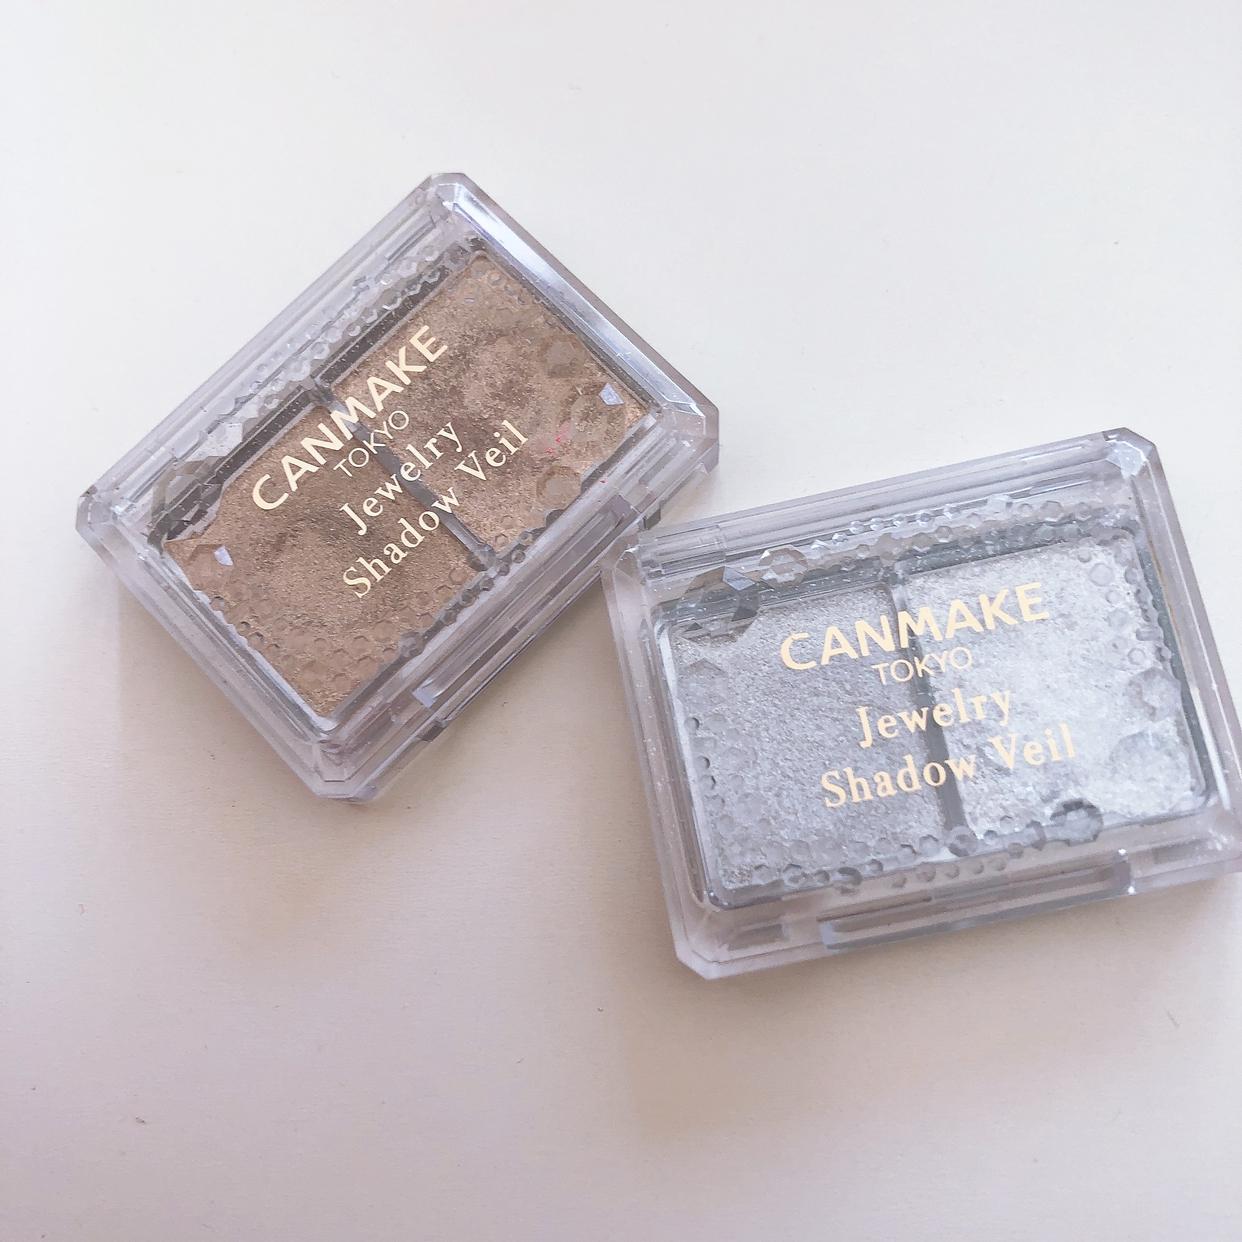 CANMAKE(キャンメイク)ジュエリーシャドウベールを使った田中 里依さんのクチコミ画像